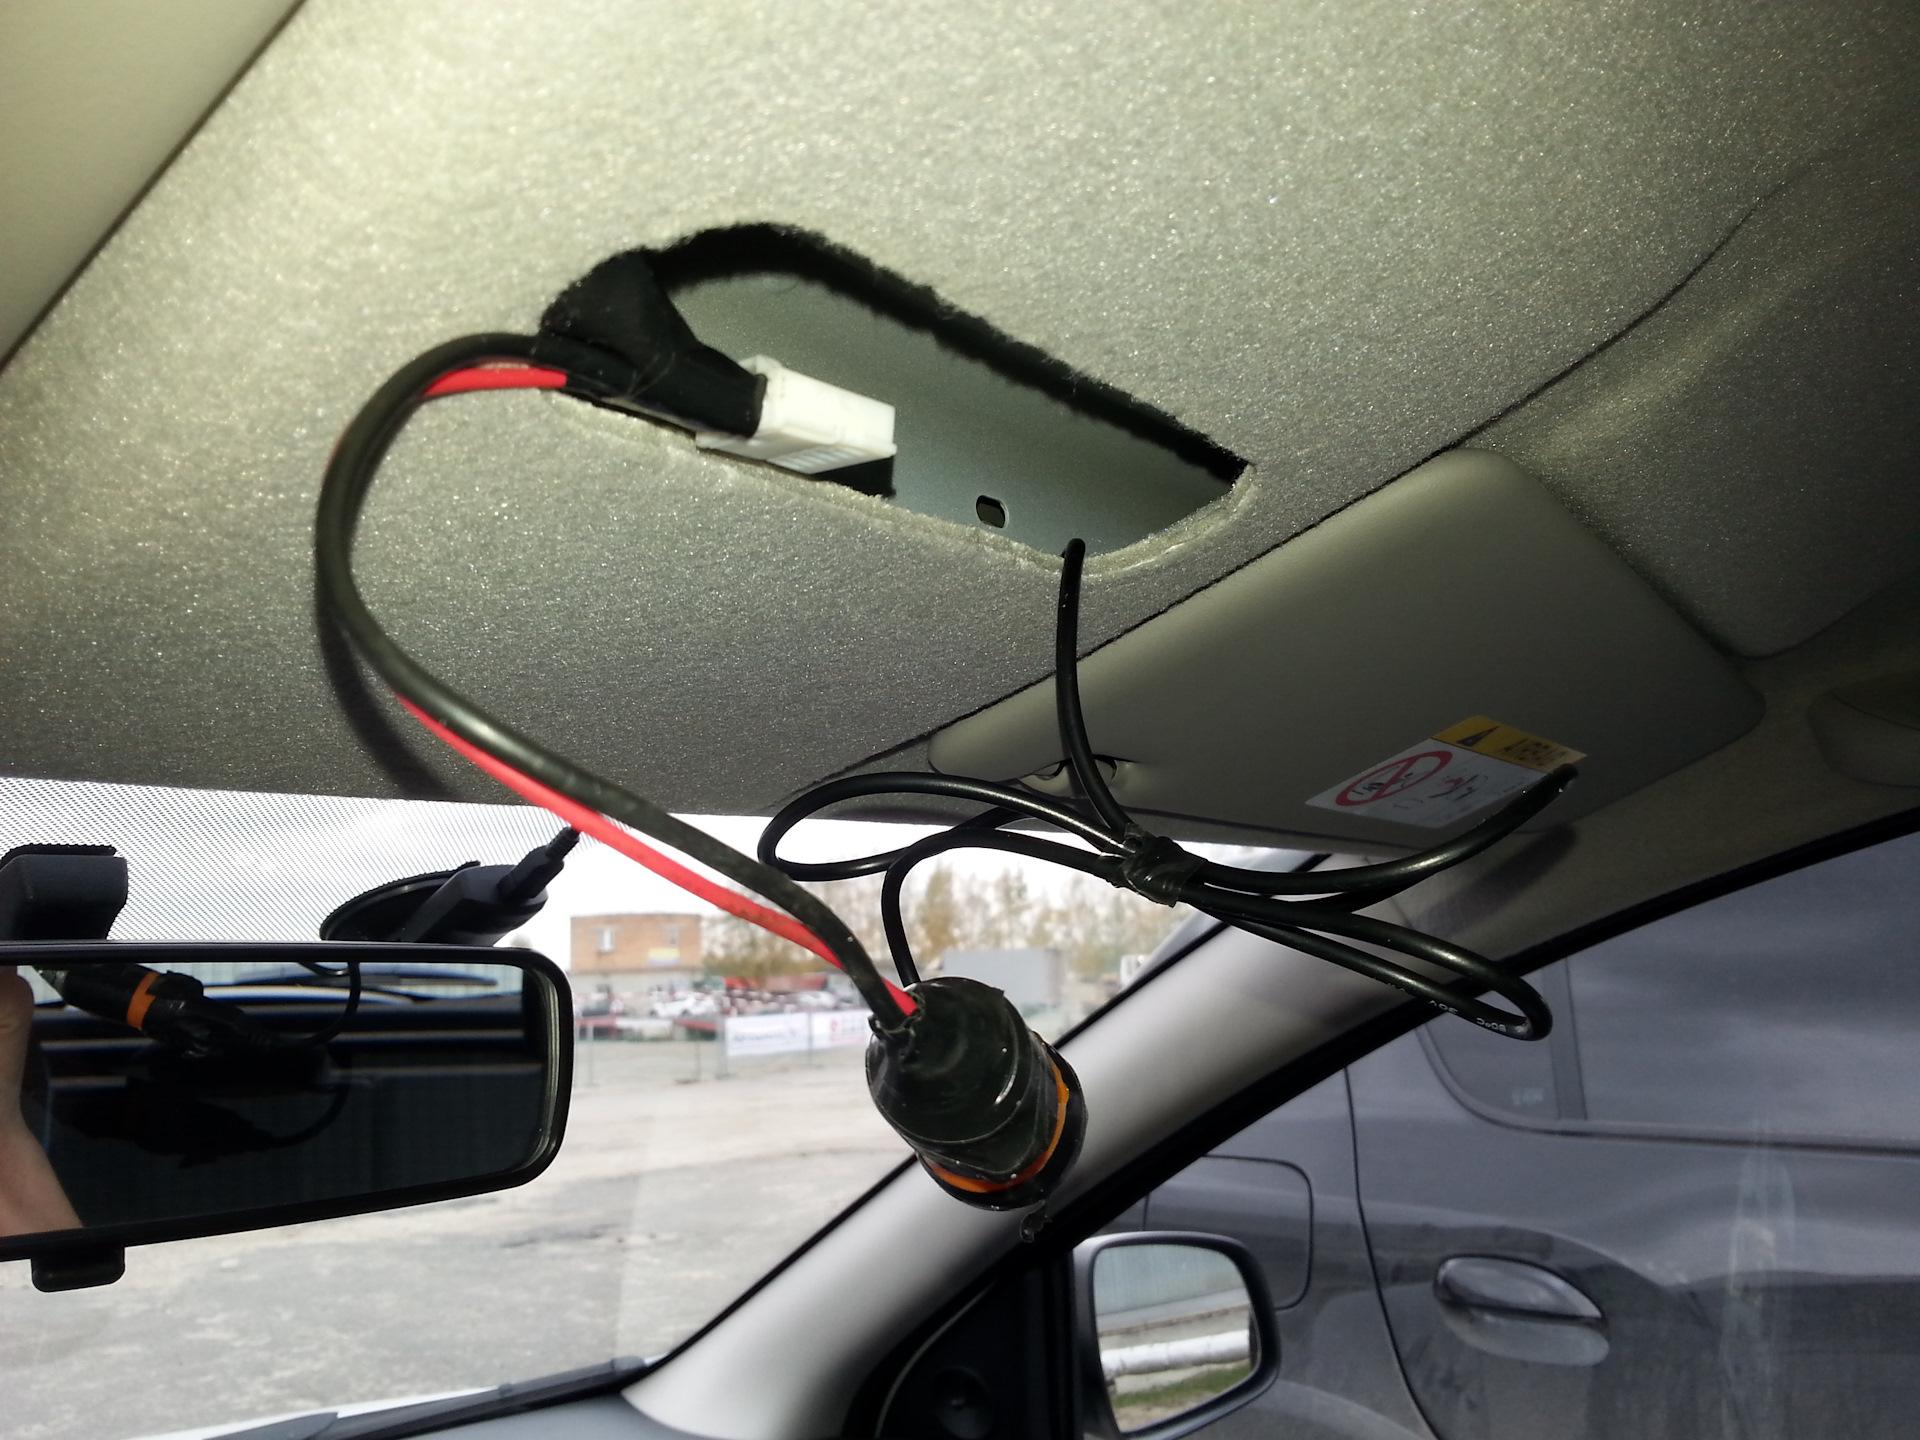 Как подключить регистратор к авто как распознать номер машины на камере видеонаблюдения